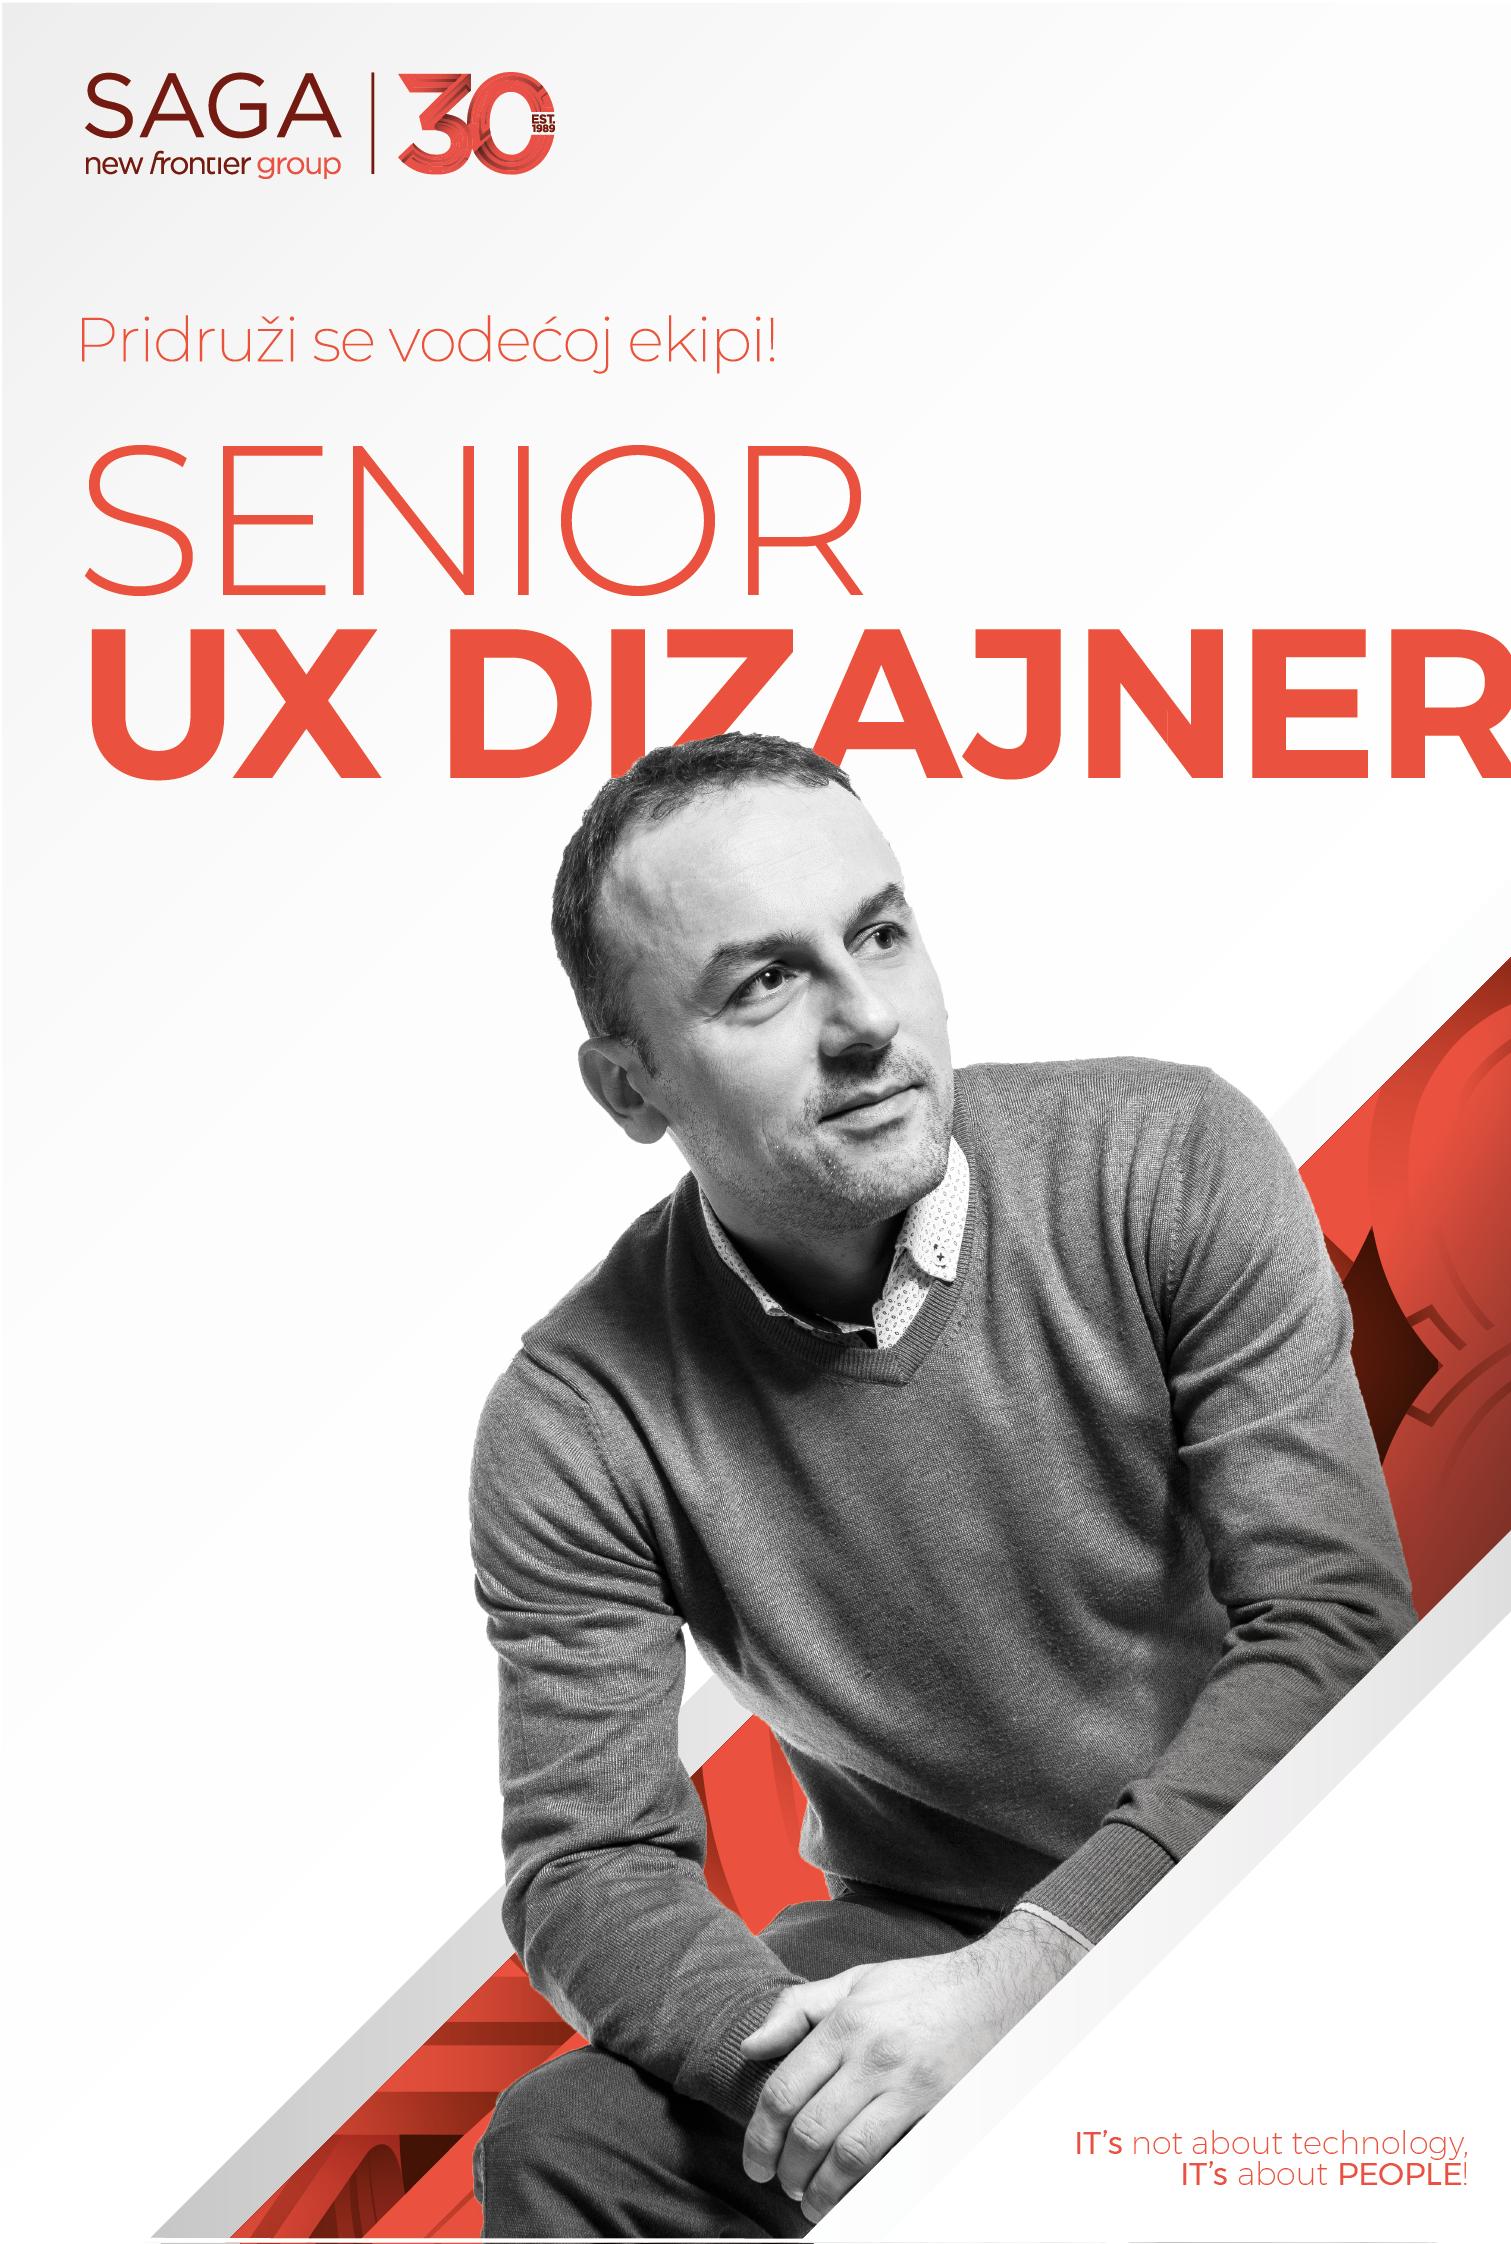 06_Senior-UX-Dizajner-Daniel-1